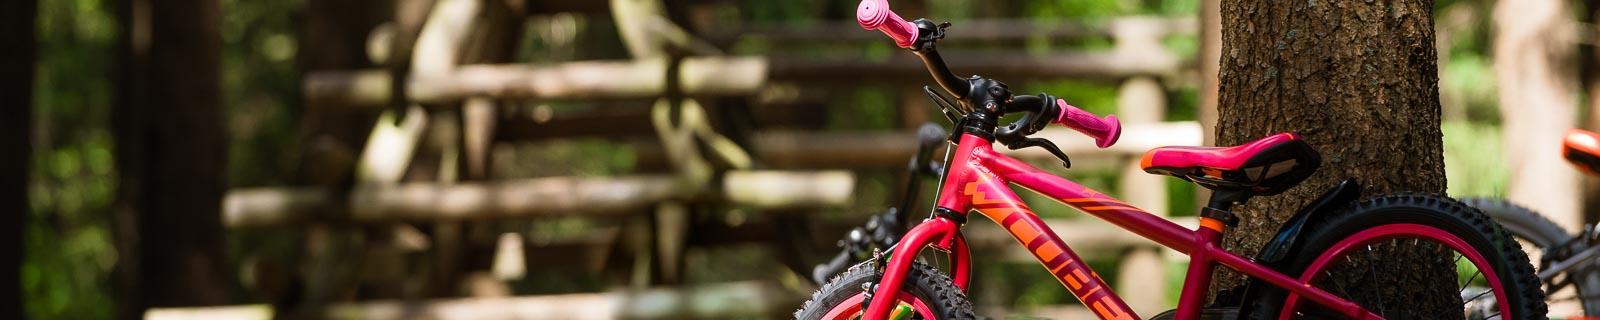 Bicicletta per bambini 16 pollici